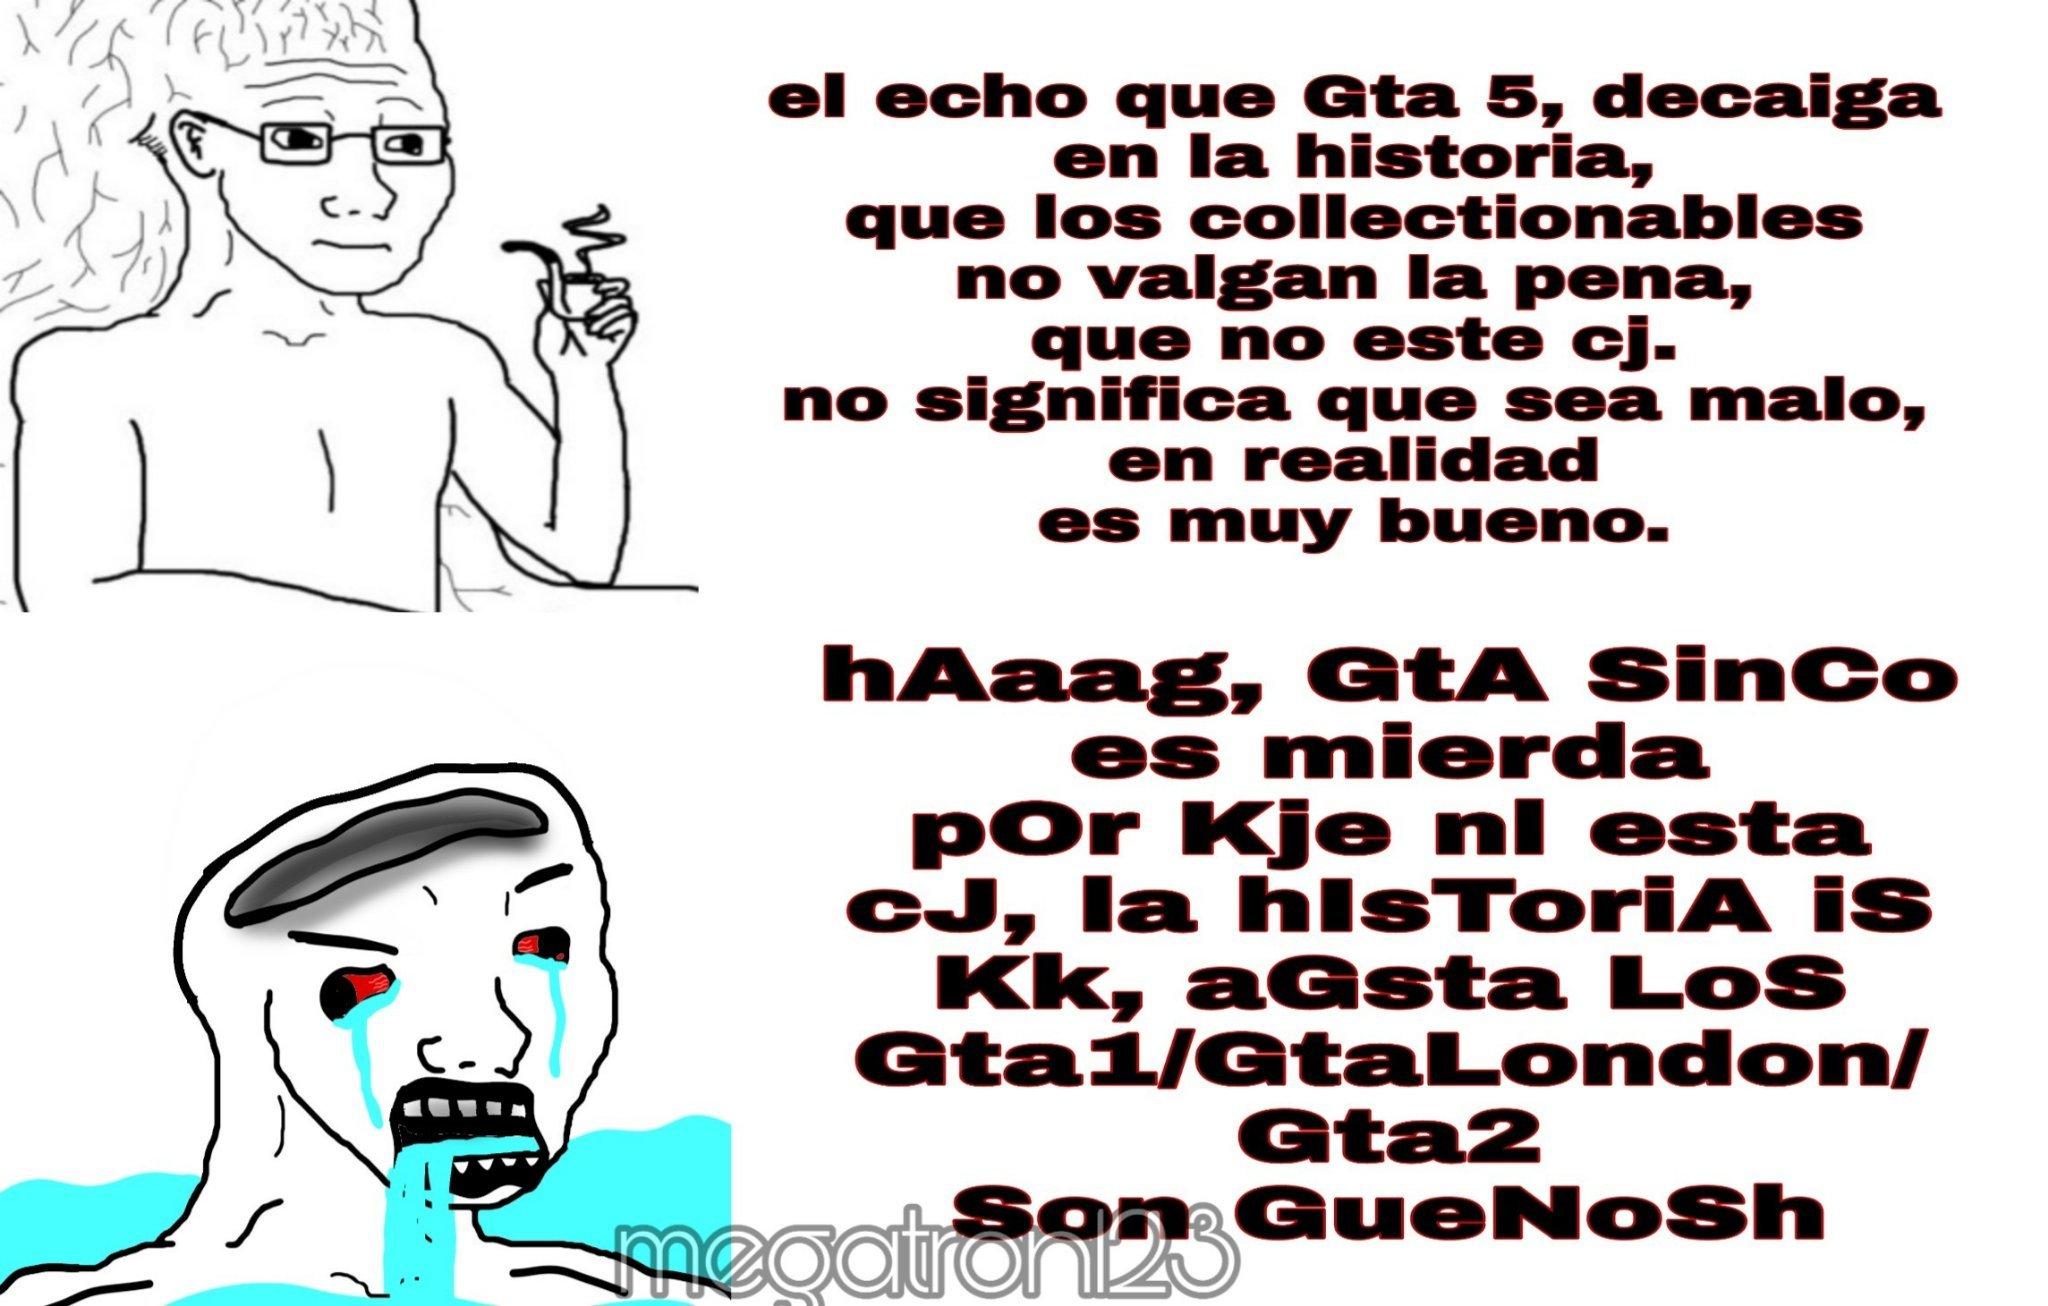 Los Buenos fans vs pendejos nostalFags - meme